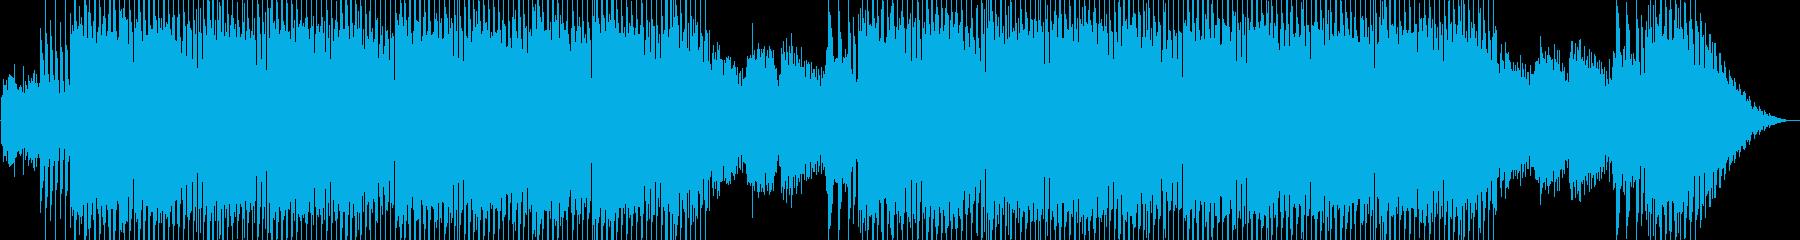 近未来的なシンセポップテクノ系の再生済みの波形